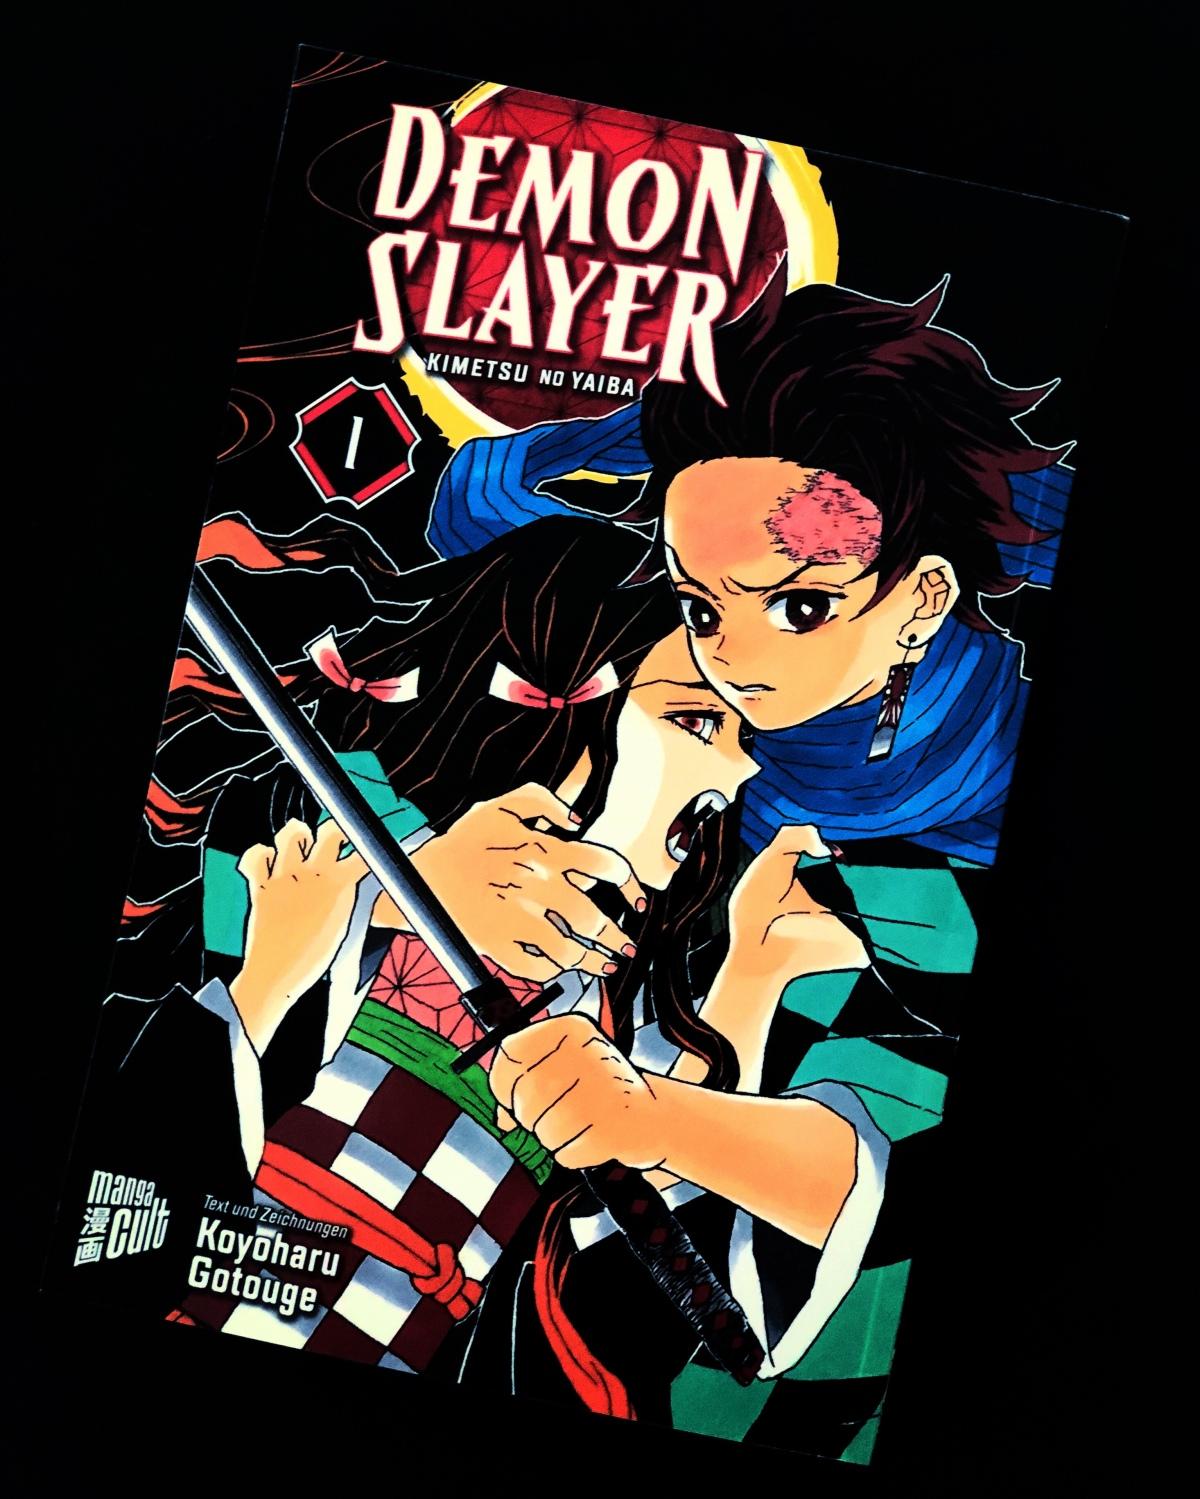 Demon Slayer – Kimetsu no Yaiba 01 |Review